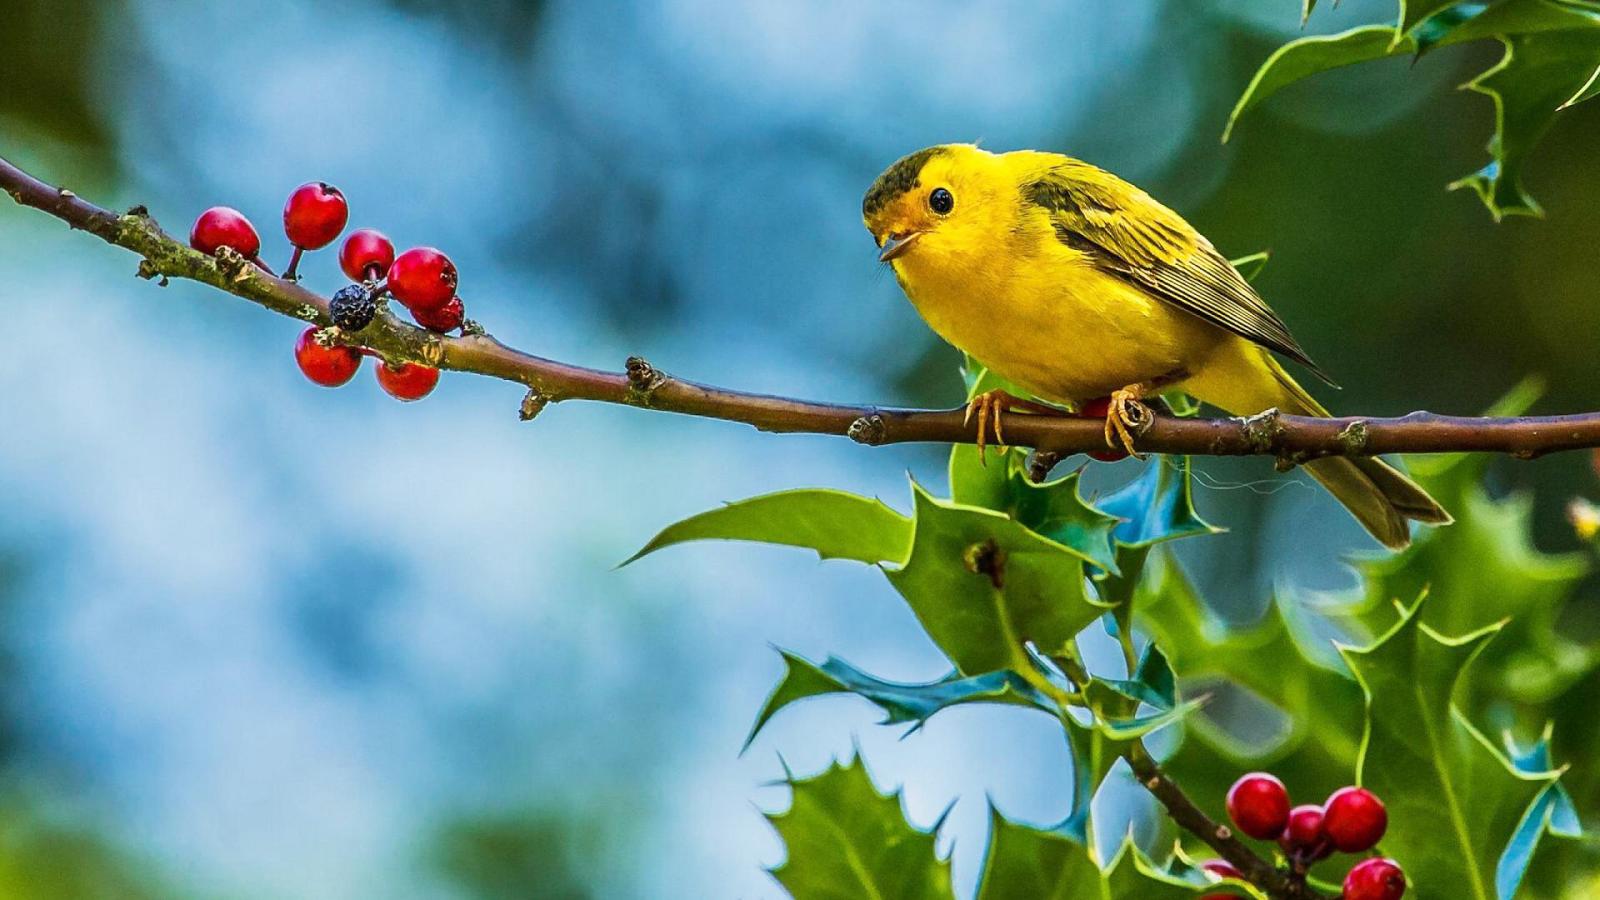 Fondos De Pantayas: Fondos De Pantalla De Pájaros